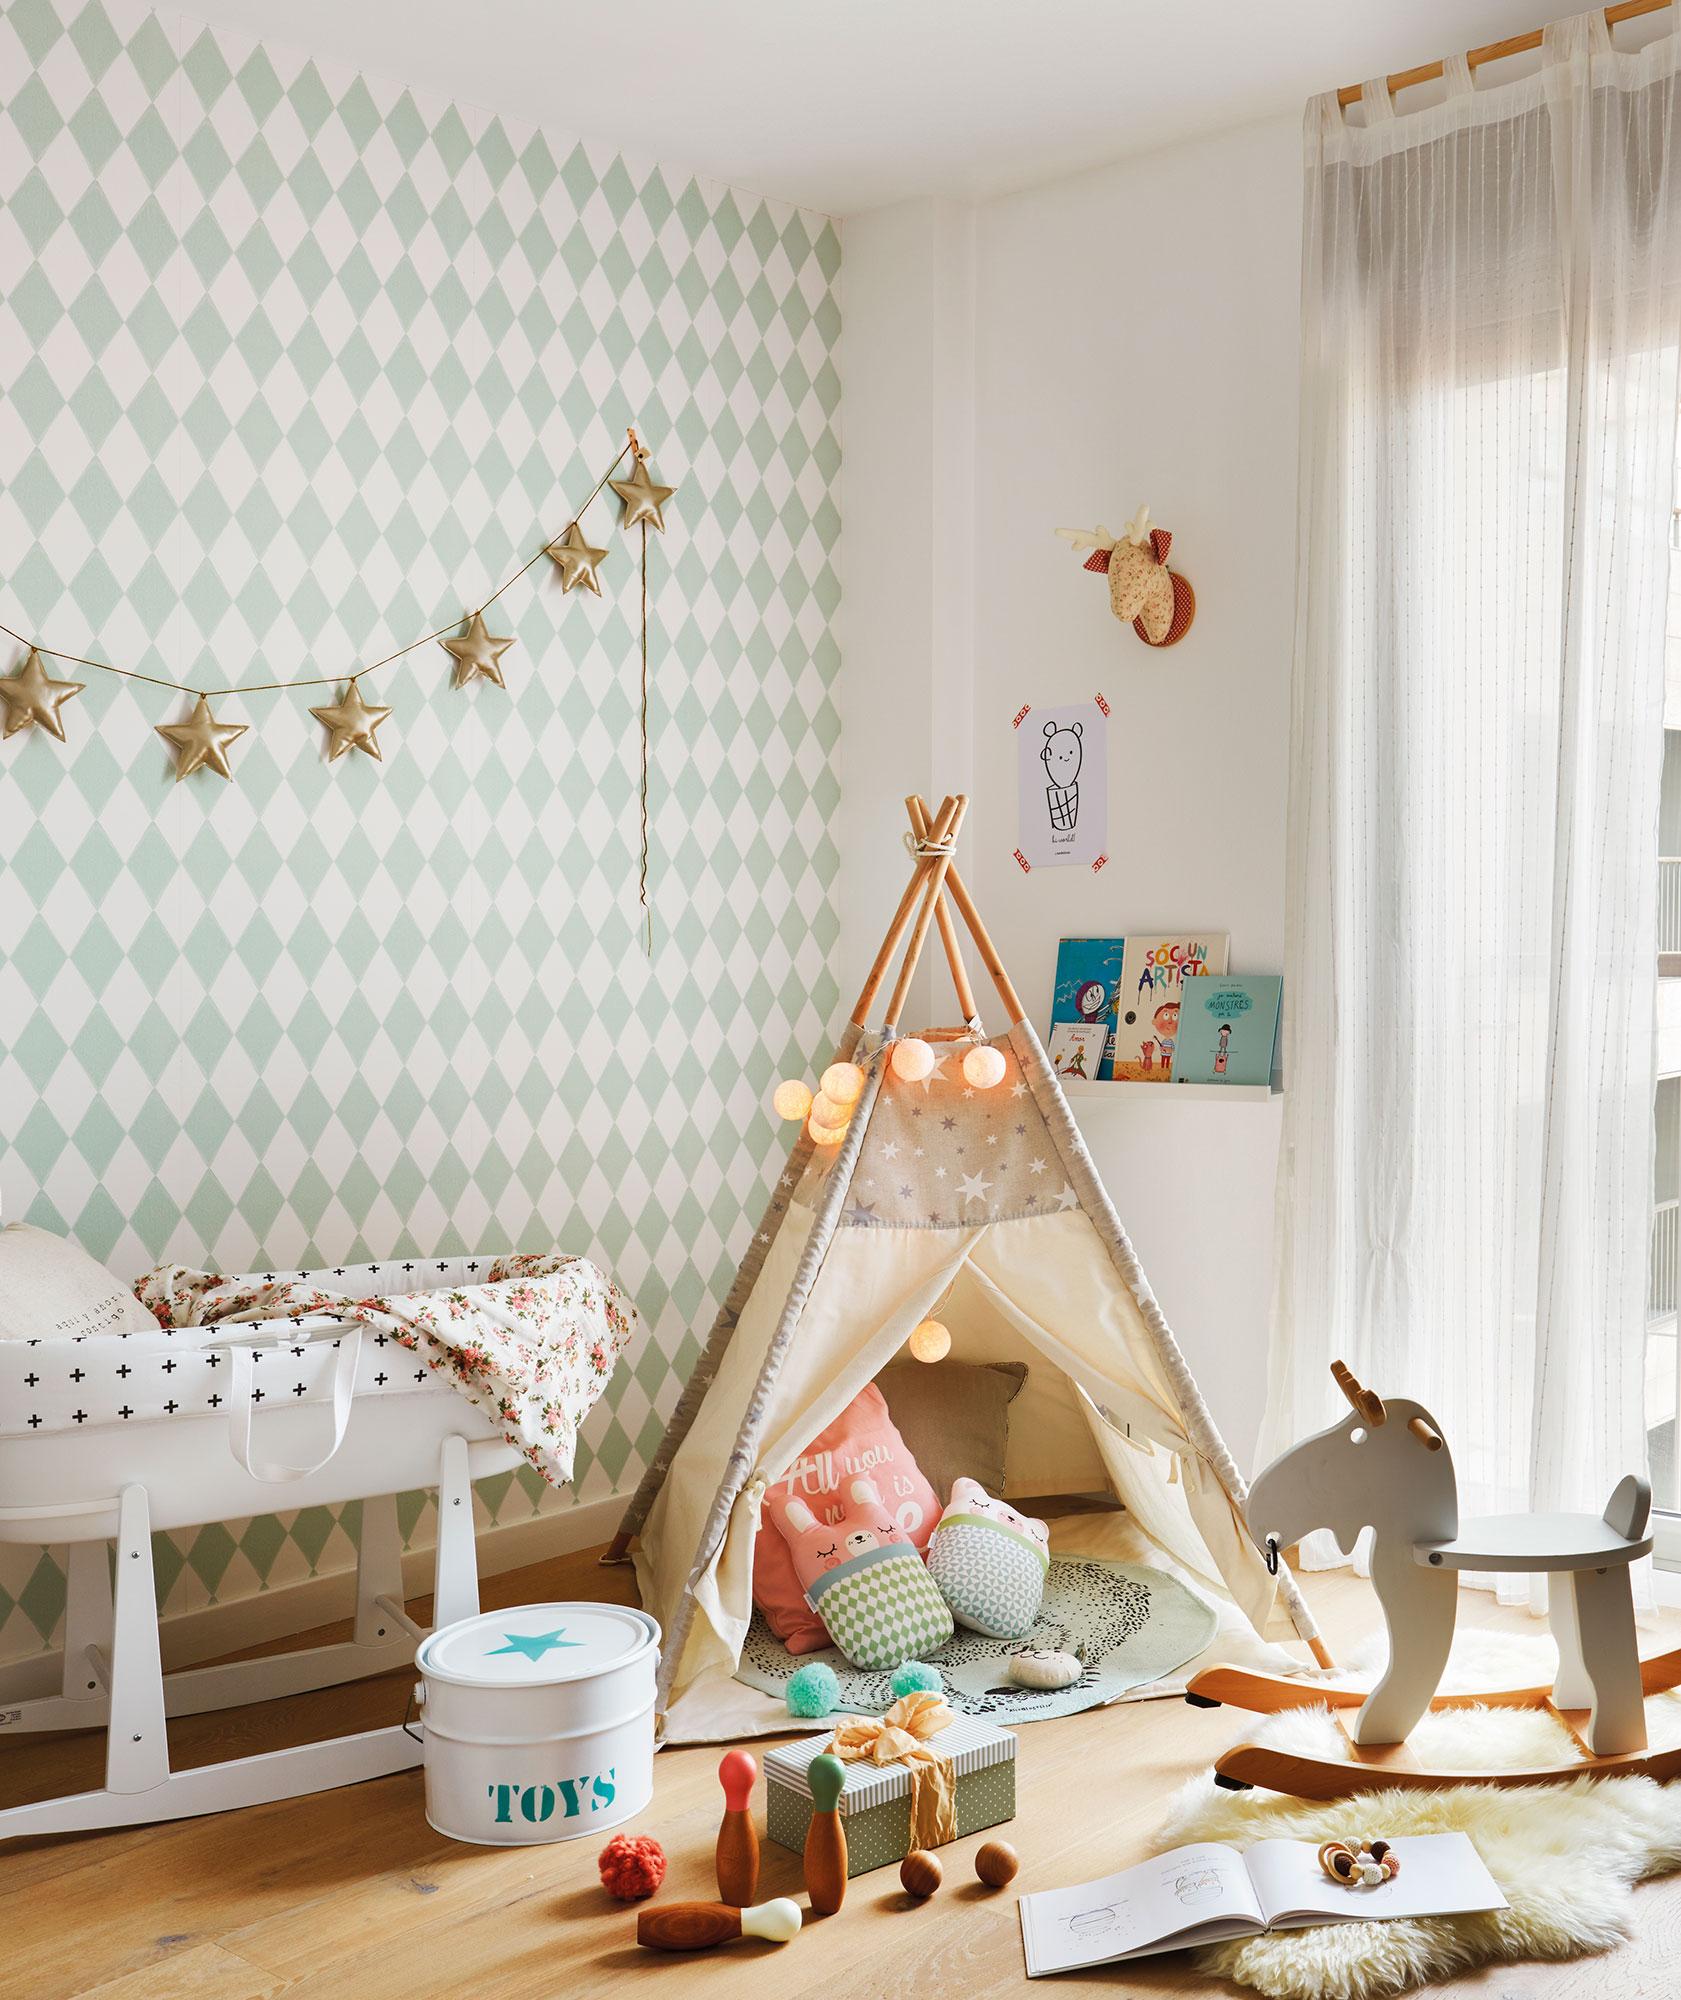 Decora la habitaci n infantil con papel pintado for Papel pintado habitacion bebe